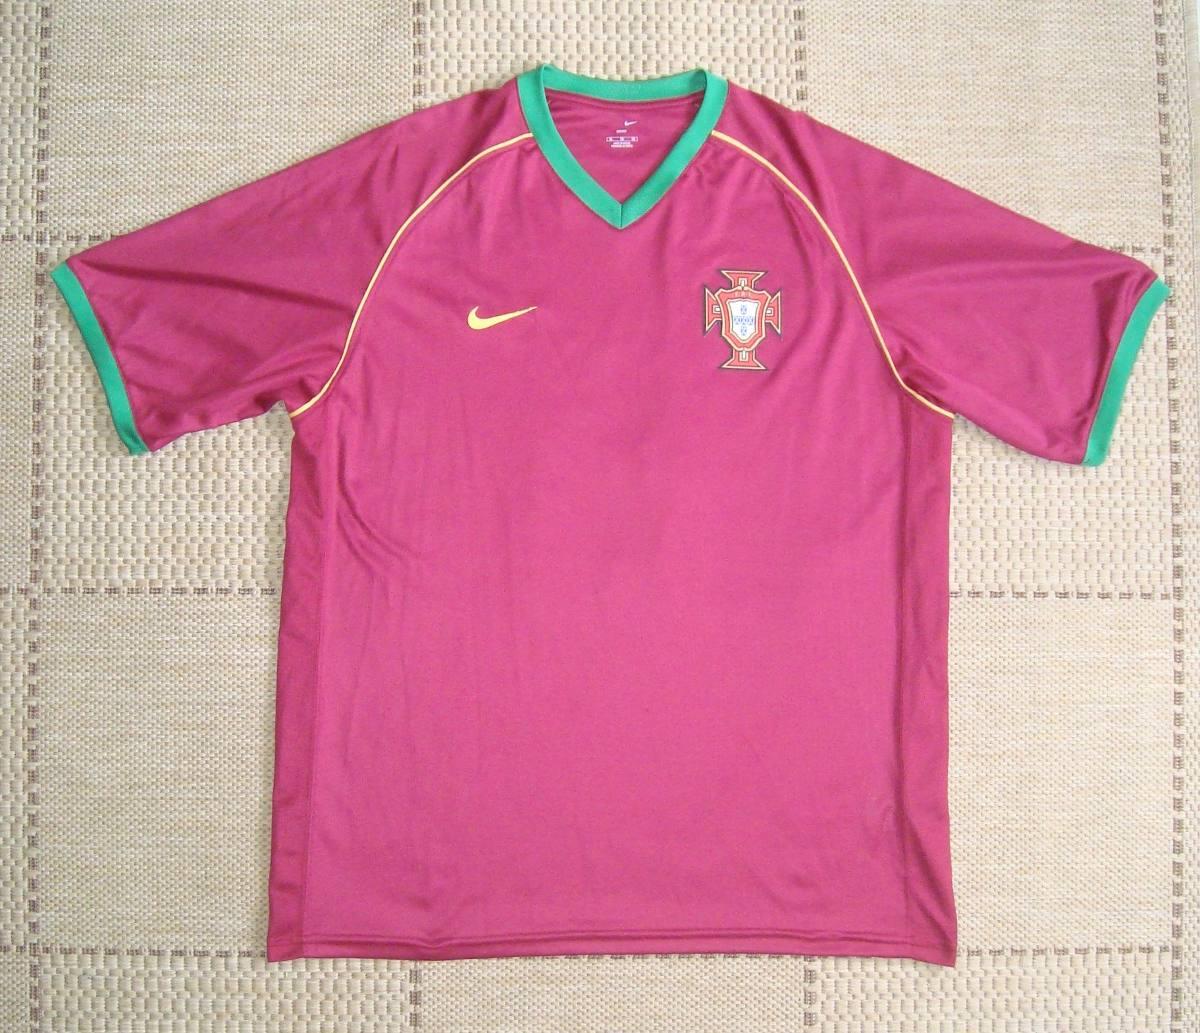 camisa original portugal 2006 home  9. Carregando zoom. 76da930b7442a